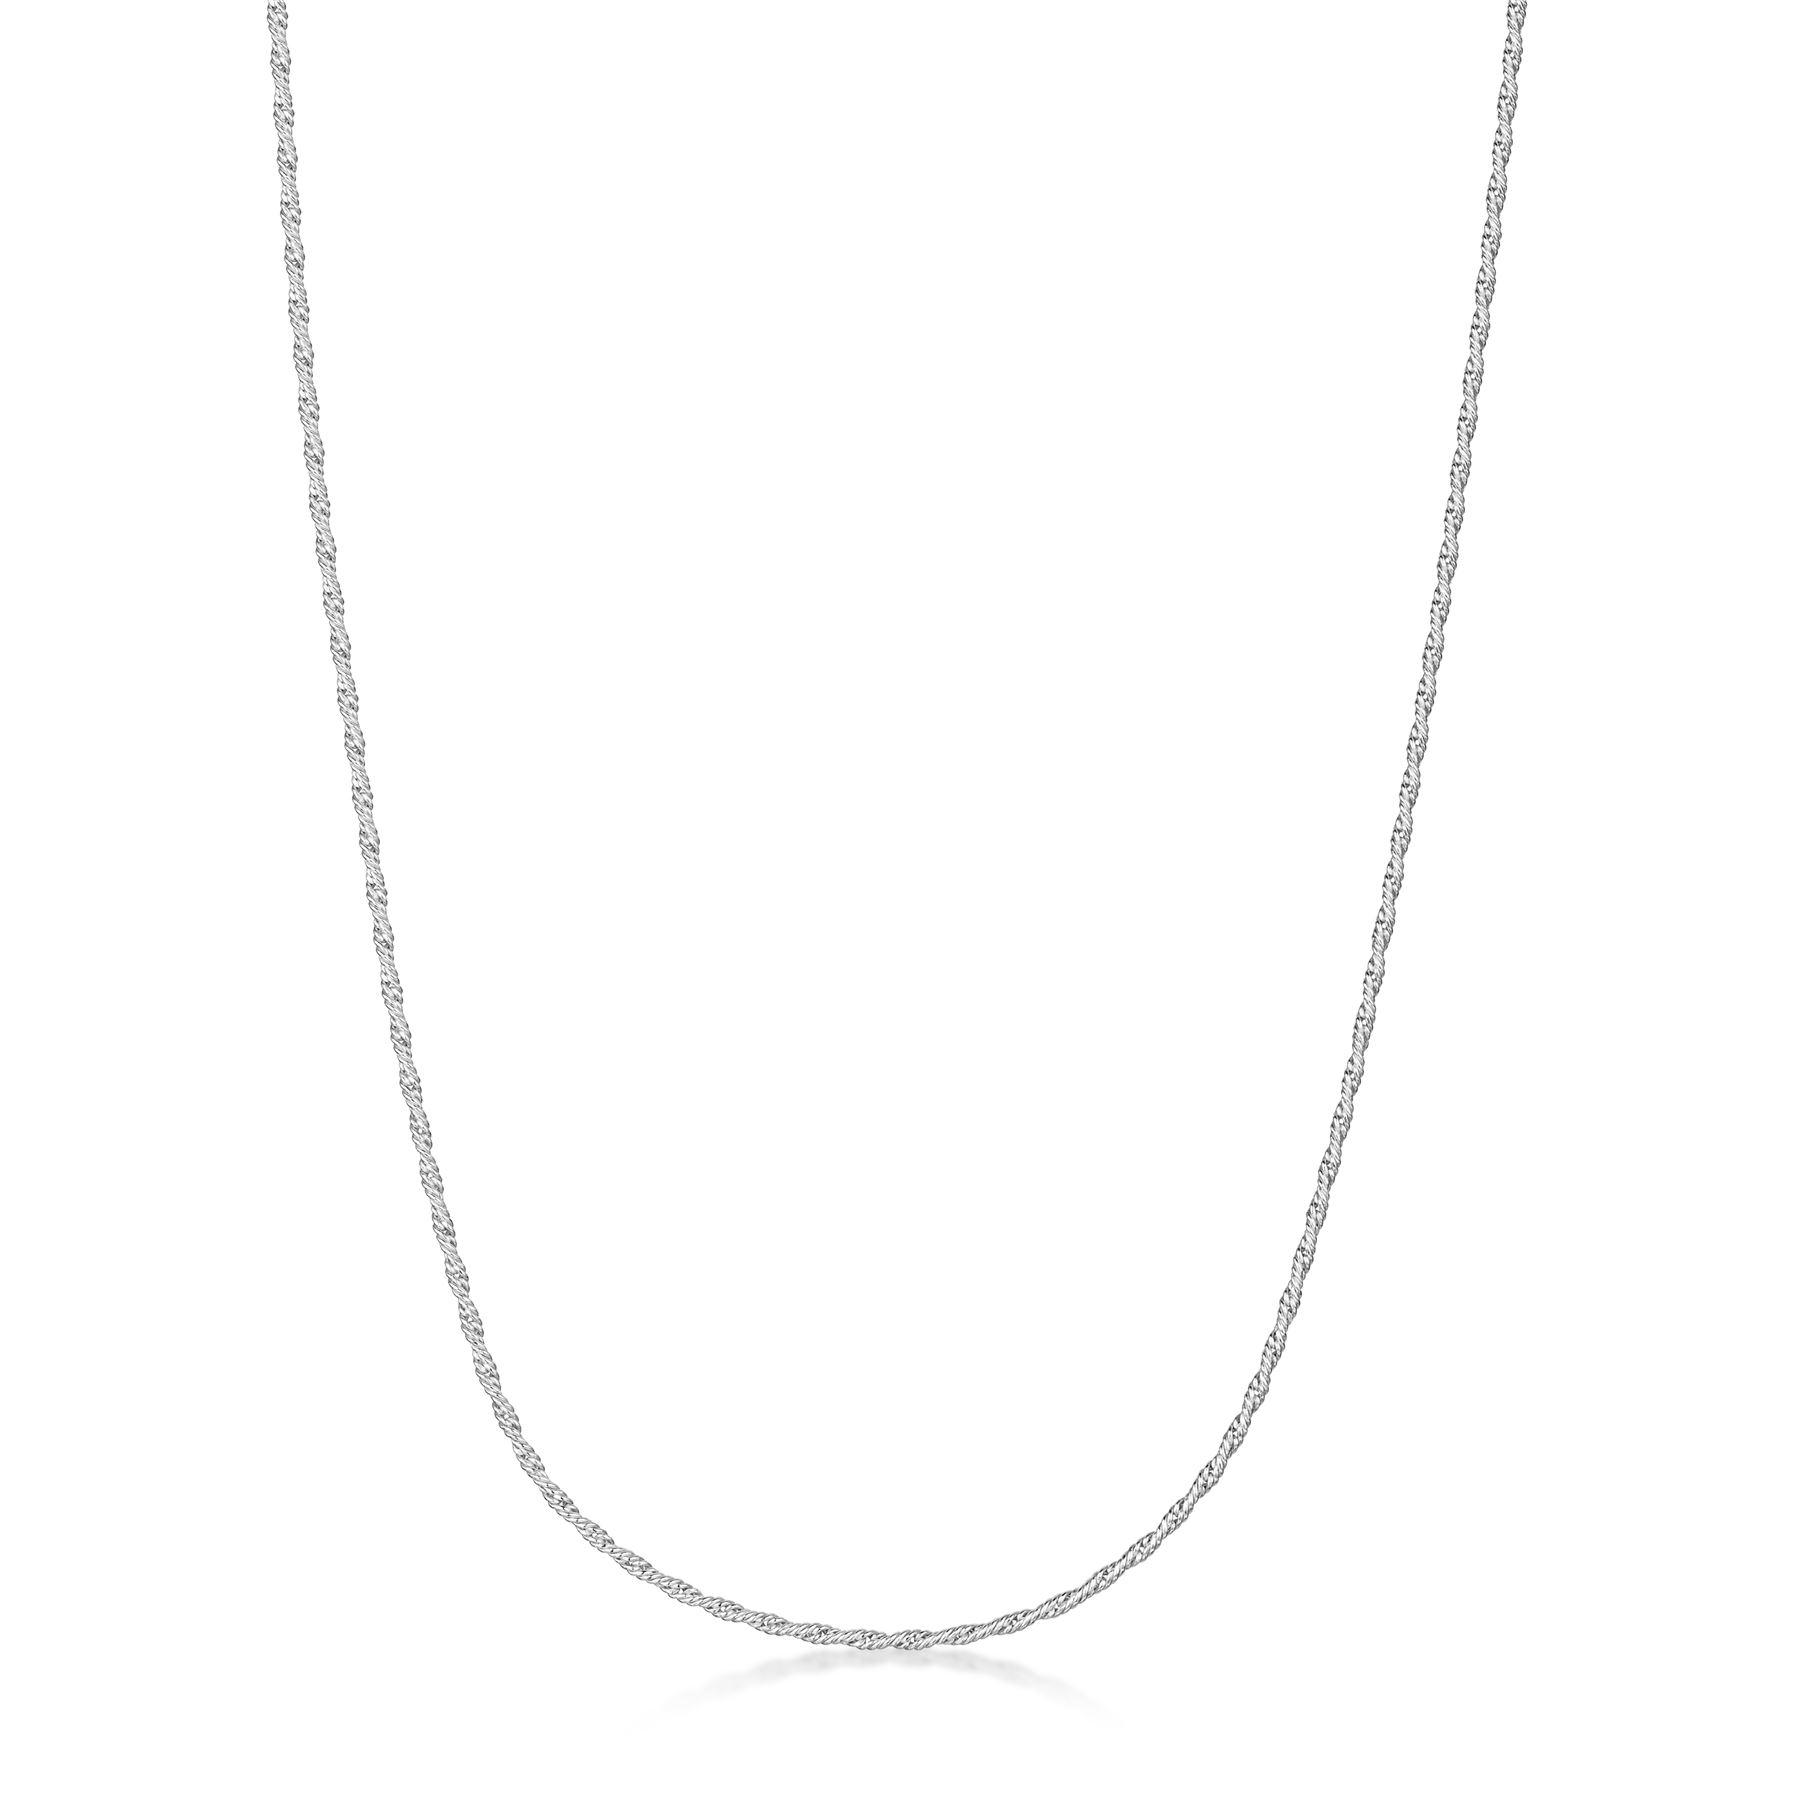 Amberta-Collar-en-Plata-De-Ley-925-Autentica-Cadena-para-Mujer-y-Hombre-Italiana miniatura 27